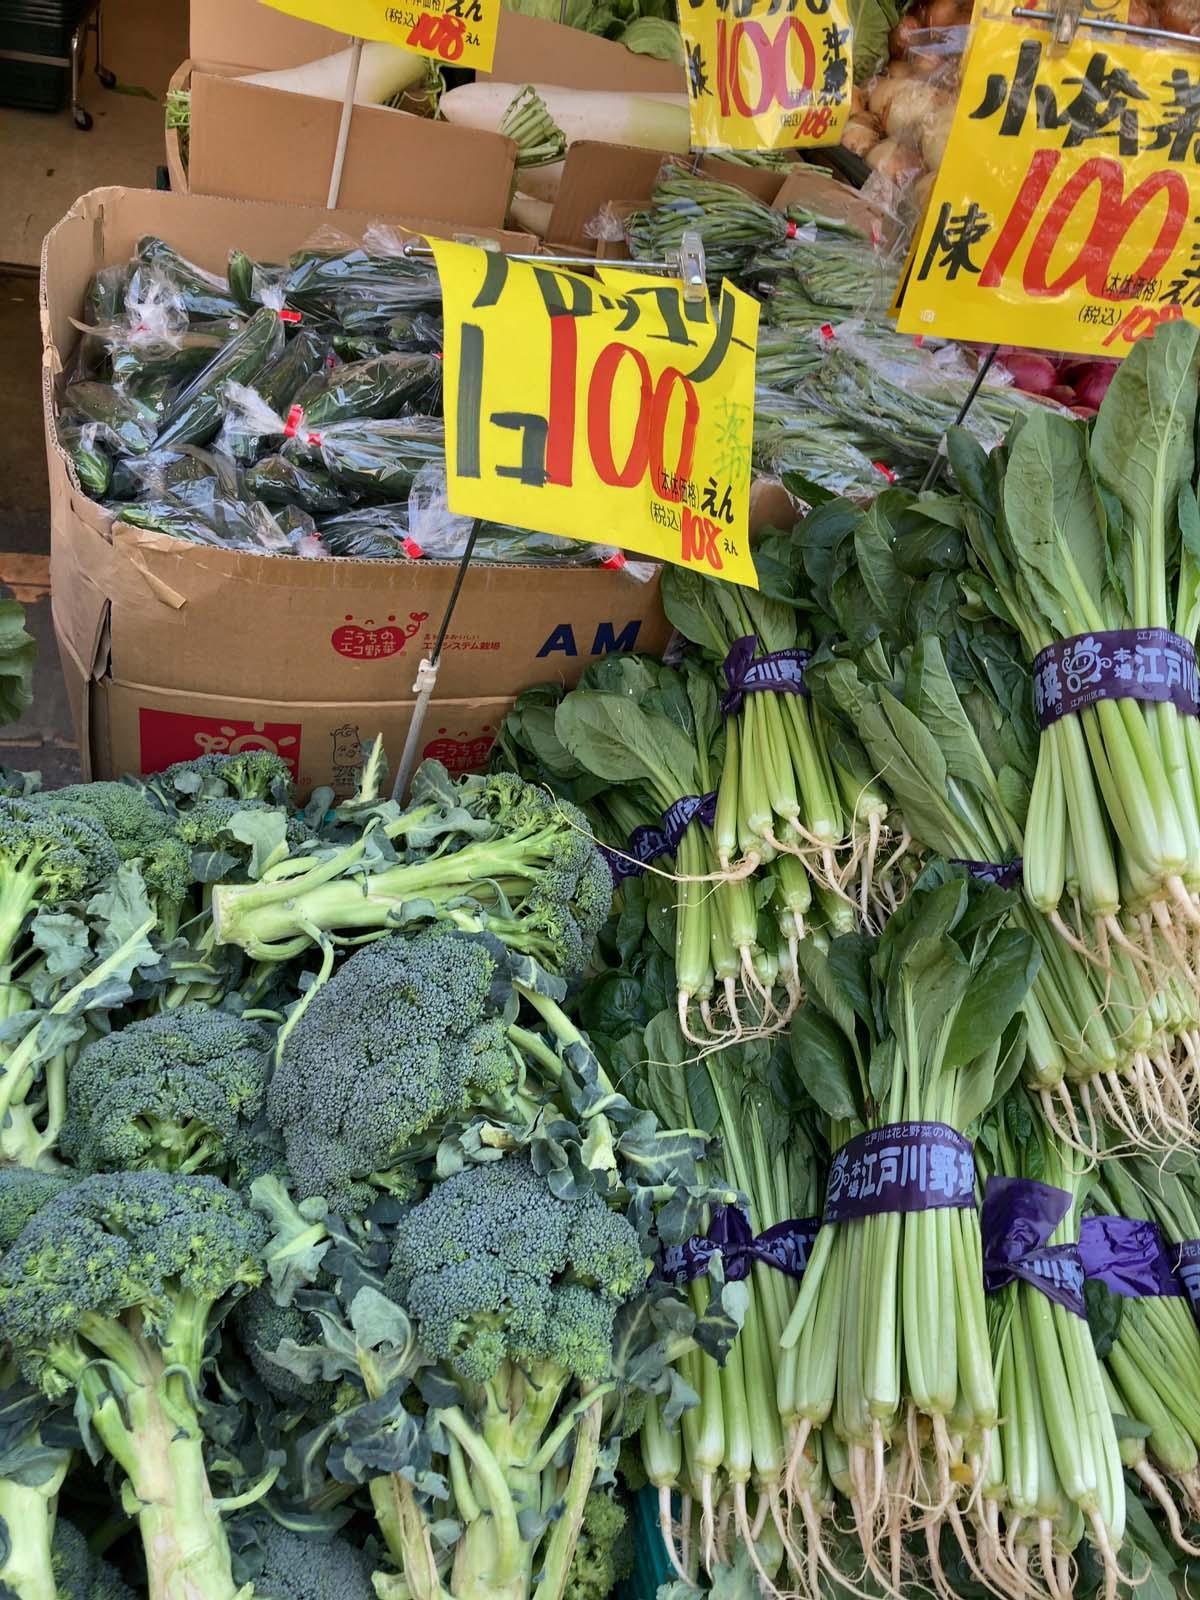 ブロッコリー、小松菜などみんな100円(税抜)で売っていました